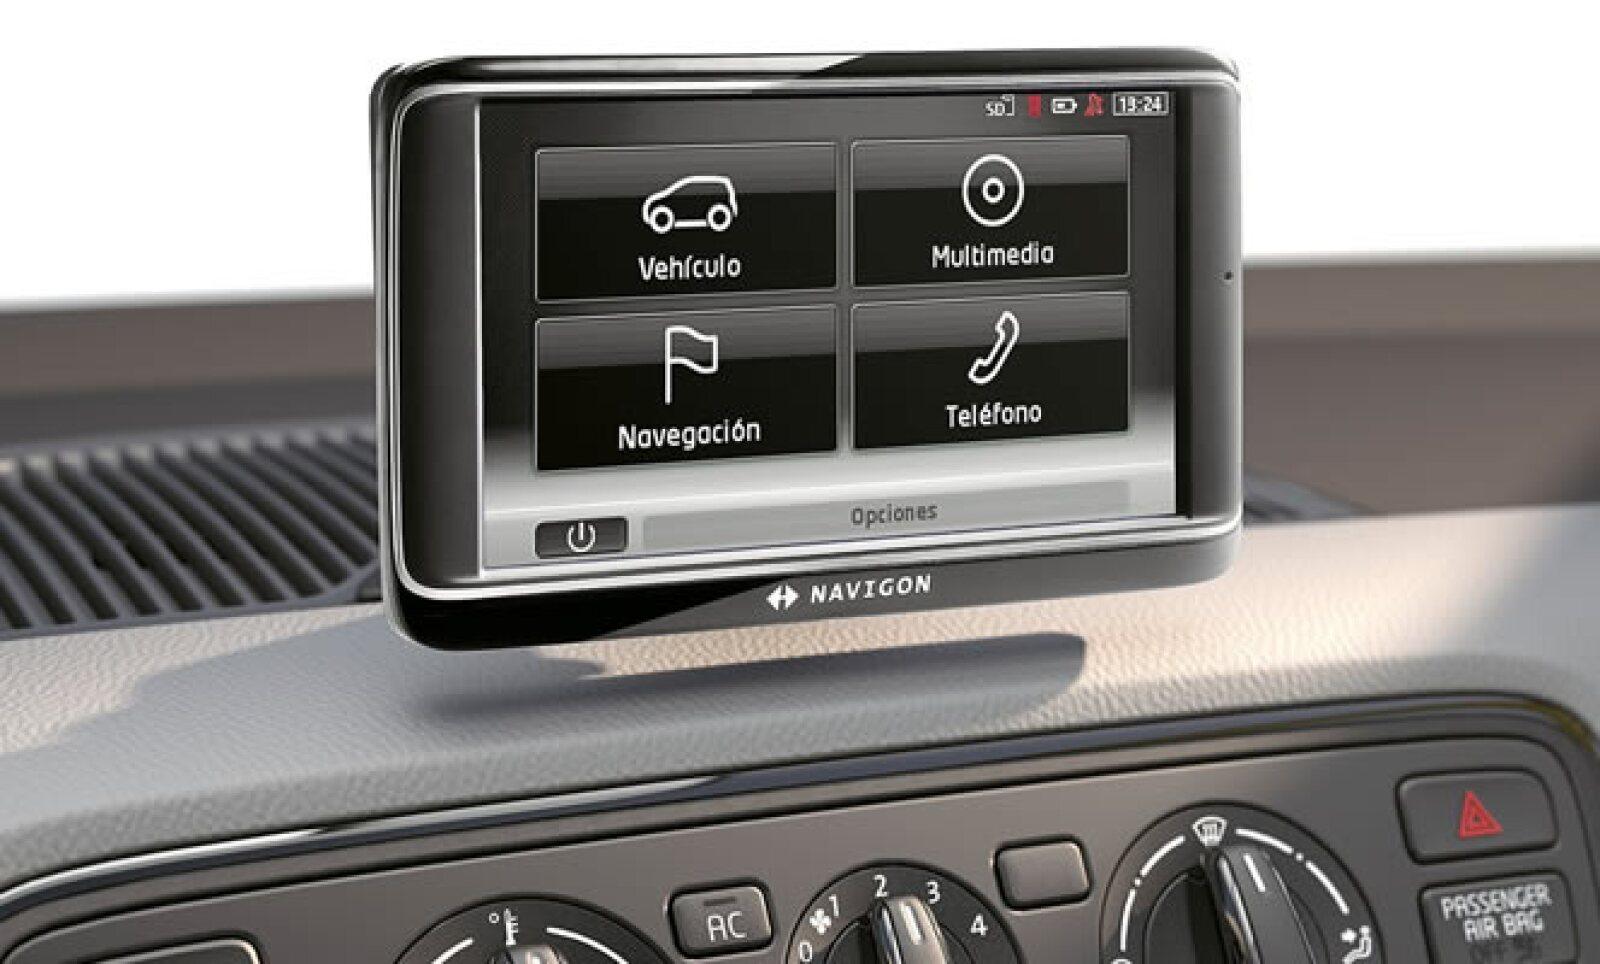 Como novedad figura el SEAT Portable System, una pantalla táctil de 5 pulgadas extraíble que dentro de sus múltiples funciones incluyen el sistema de navegación, teléfono de manos libres con control de voz y computadora de a bordo.